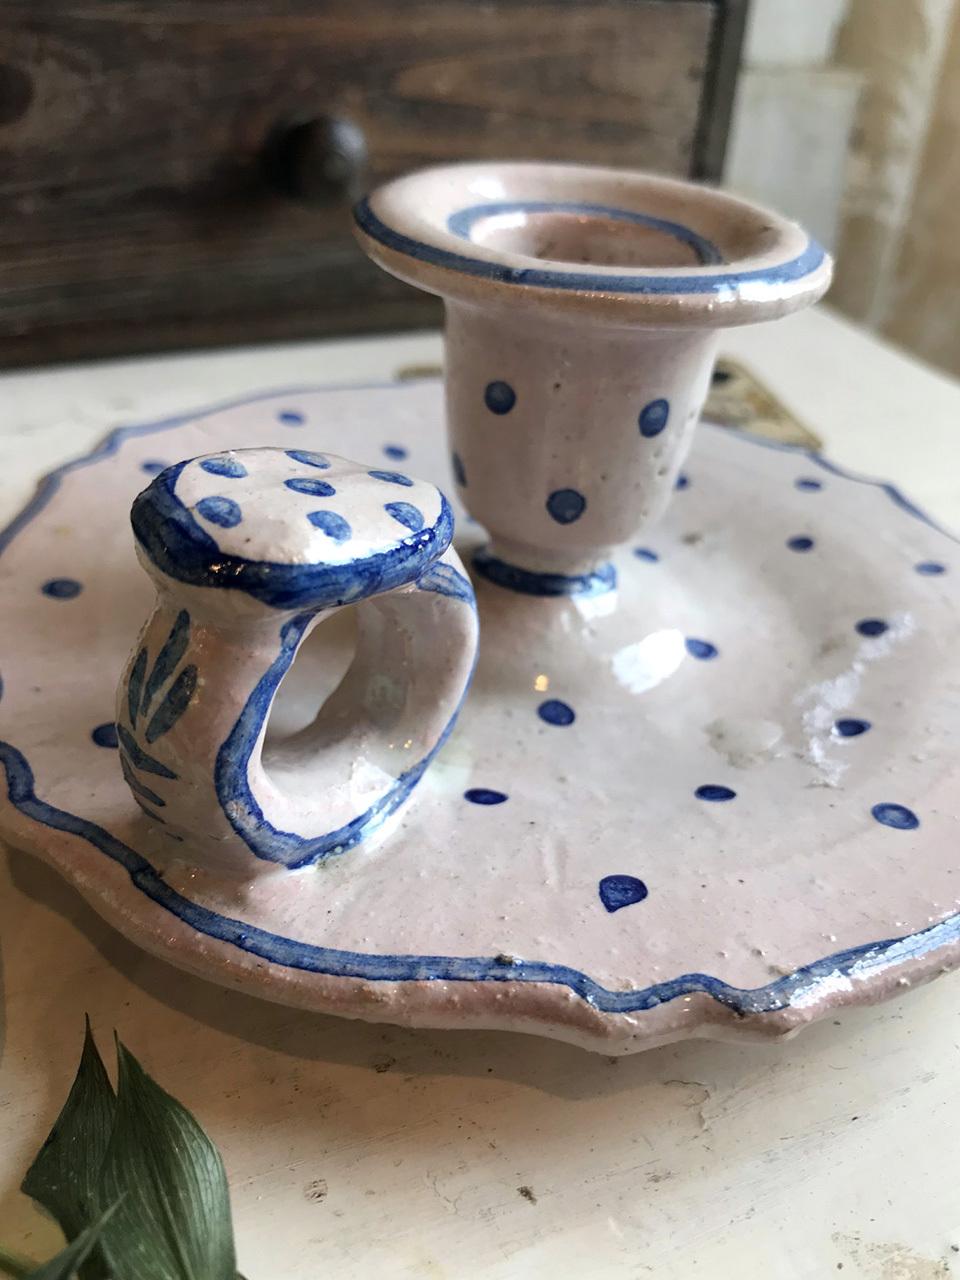 陶器 キャンドルホルダー ブルー 水玉 ドット柄